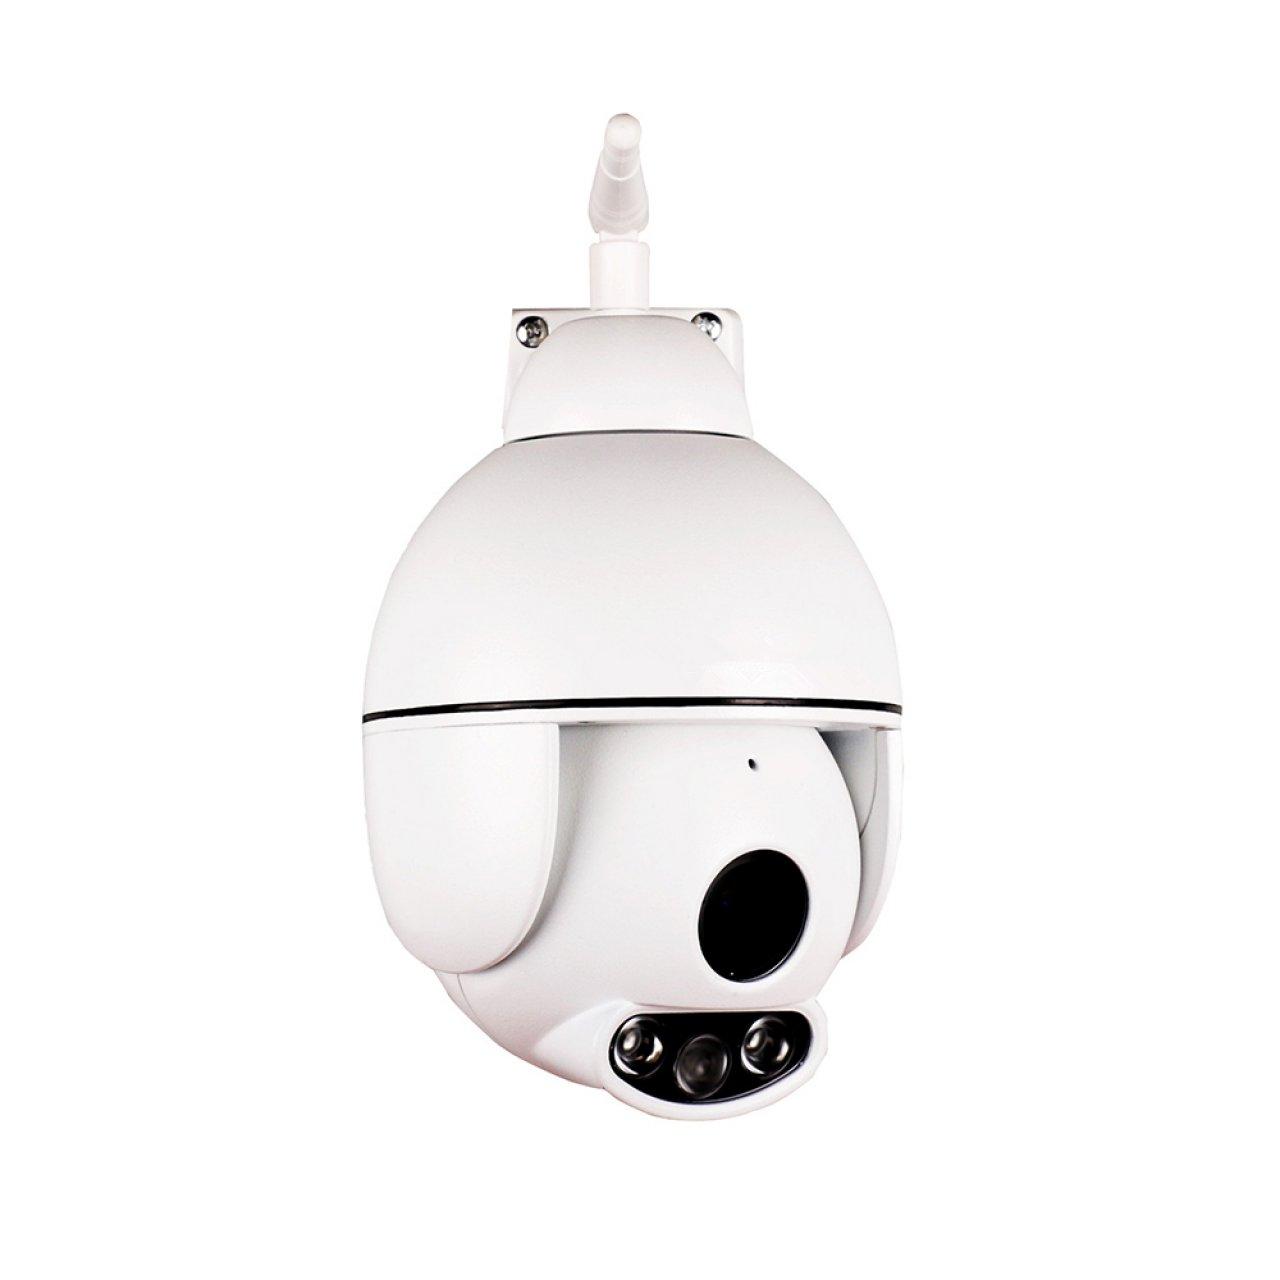 Outdoor Full HD WLAN PTZ Überwachungskamera mit Infrarot-Nachtsicht